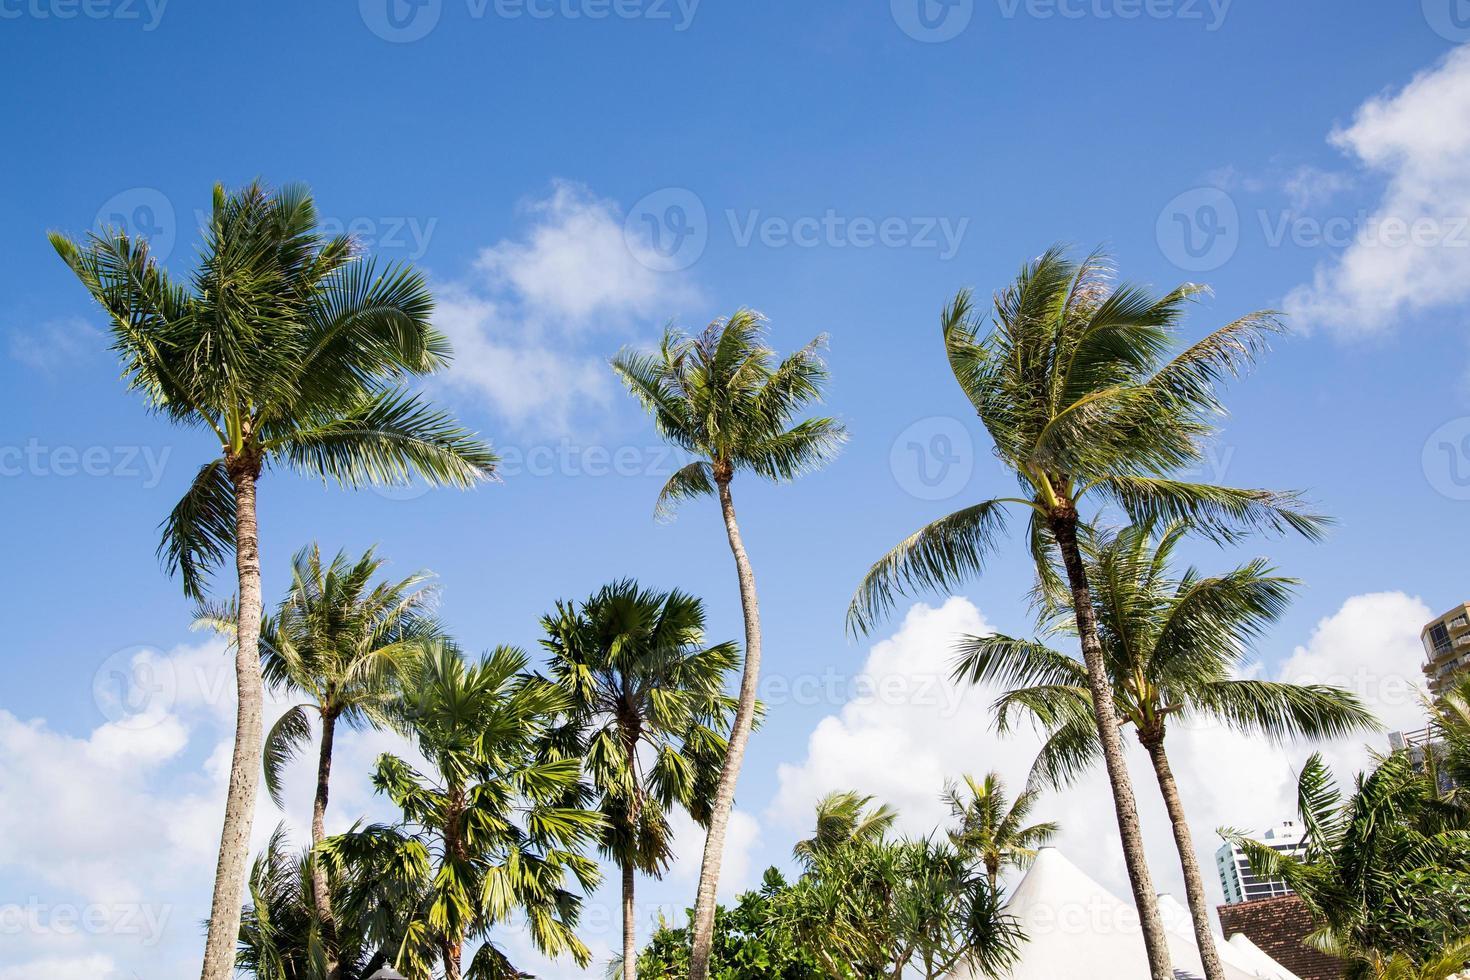 palmbomen op de achtergrond van de blauwe hemel foto